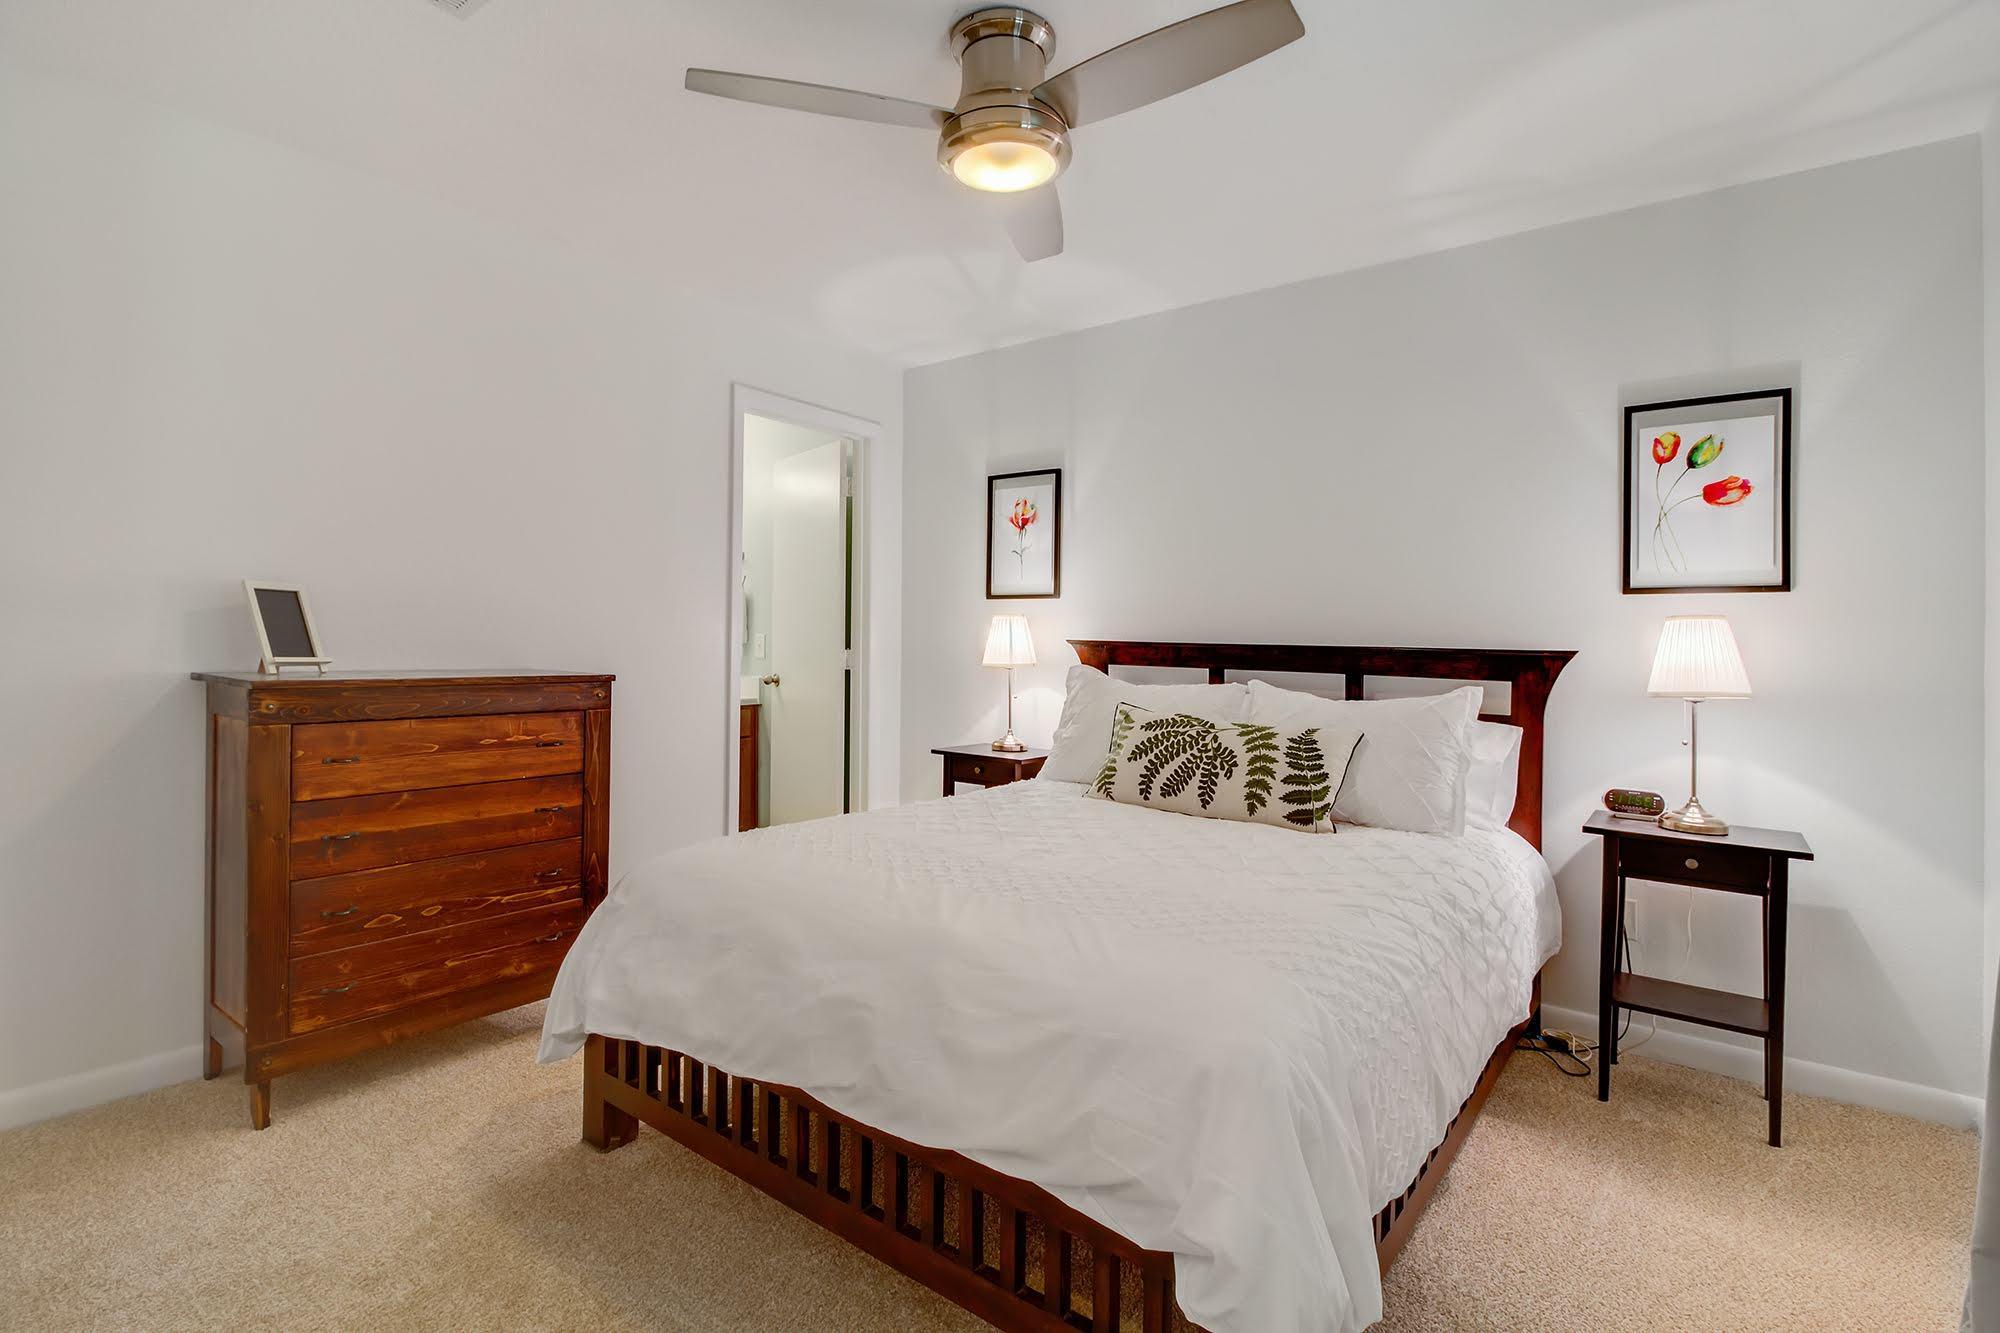 East Bridge Town Lofts Homes For Sale - 273 Alexandra, Mount Pleasant, SC - 4